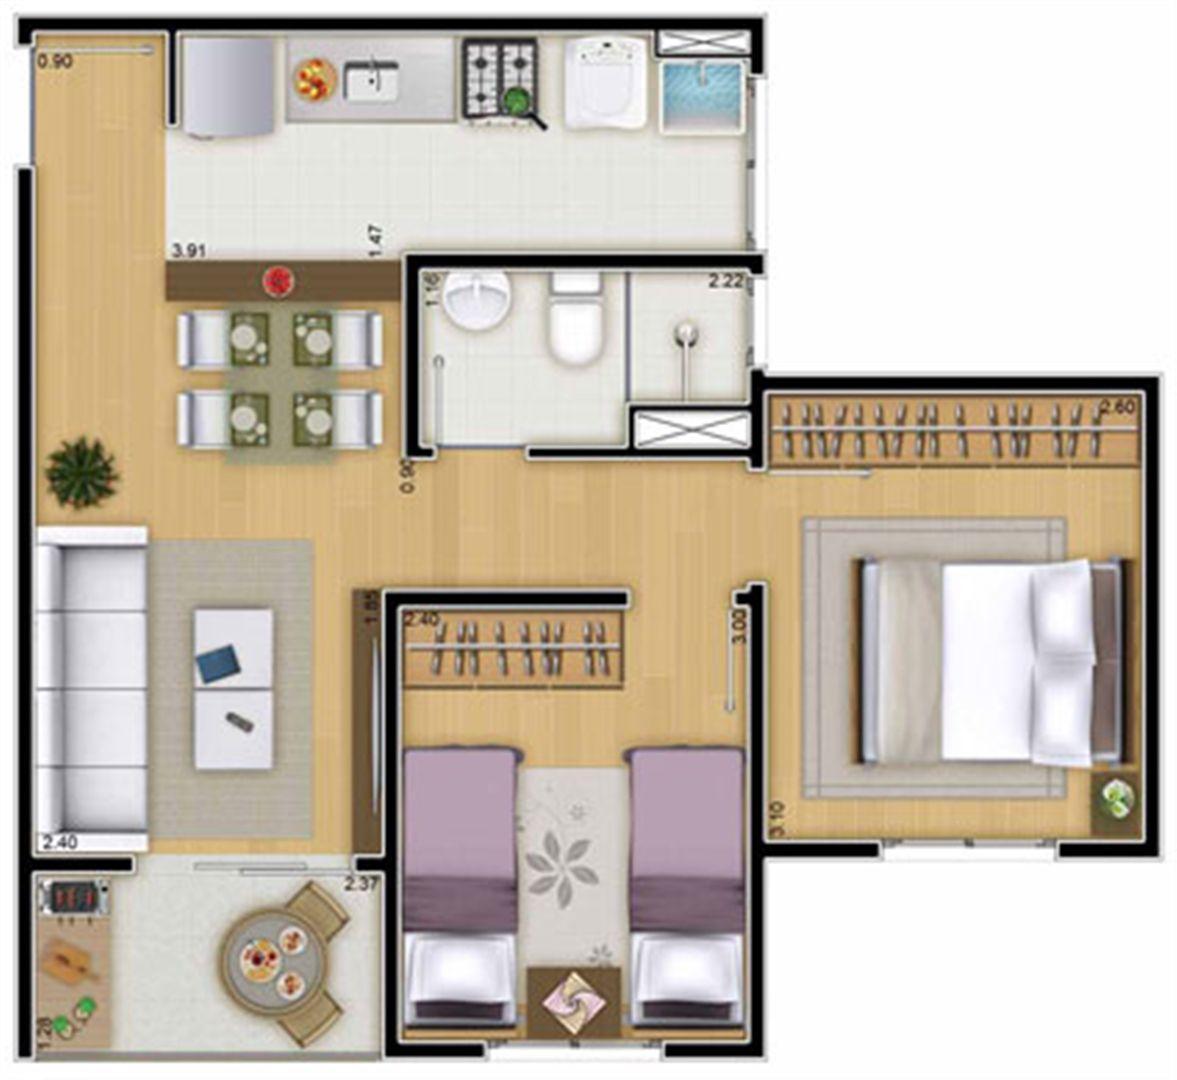 Planta:  | Mais Campos Salles - Apartamento no Jardim Jurema - Valinhos São Paulo